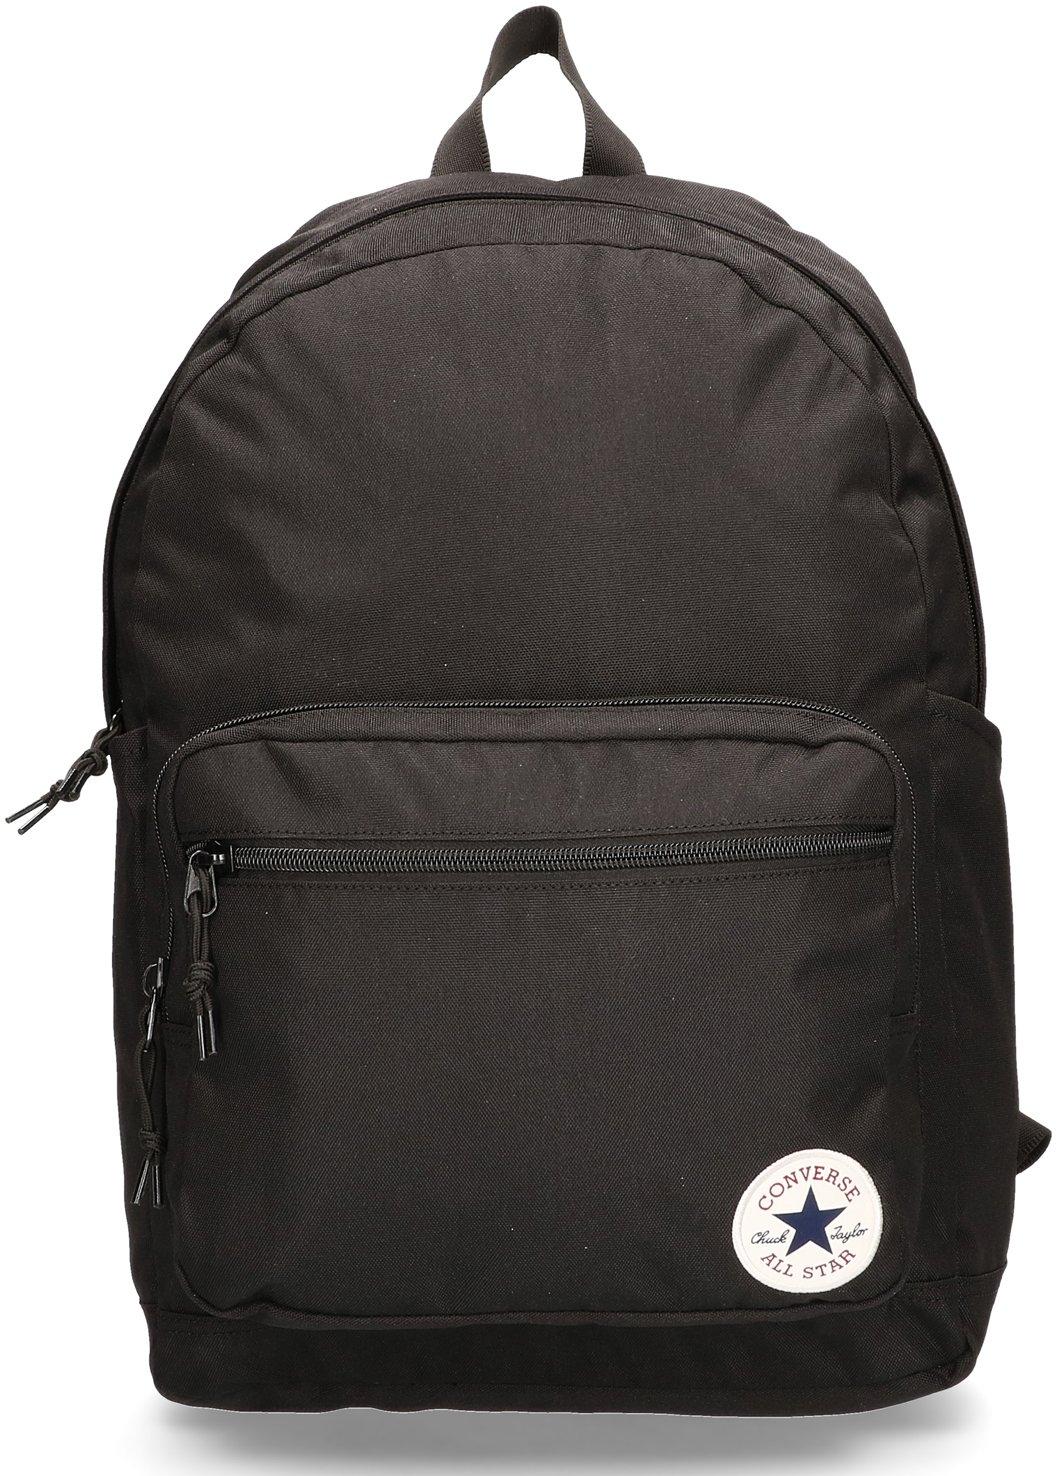 Converse laptoprugzak Go 2,black bestellen: 30 dagen bedenktijd